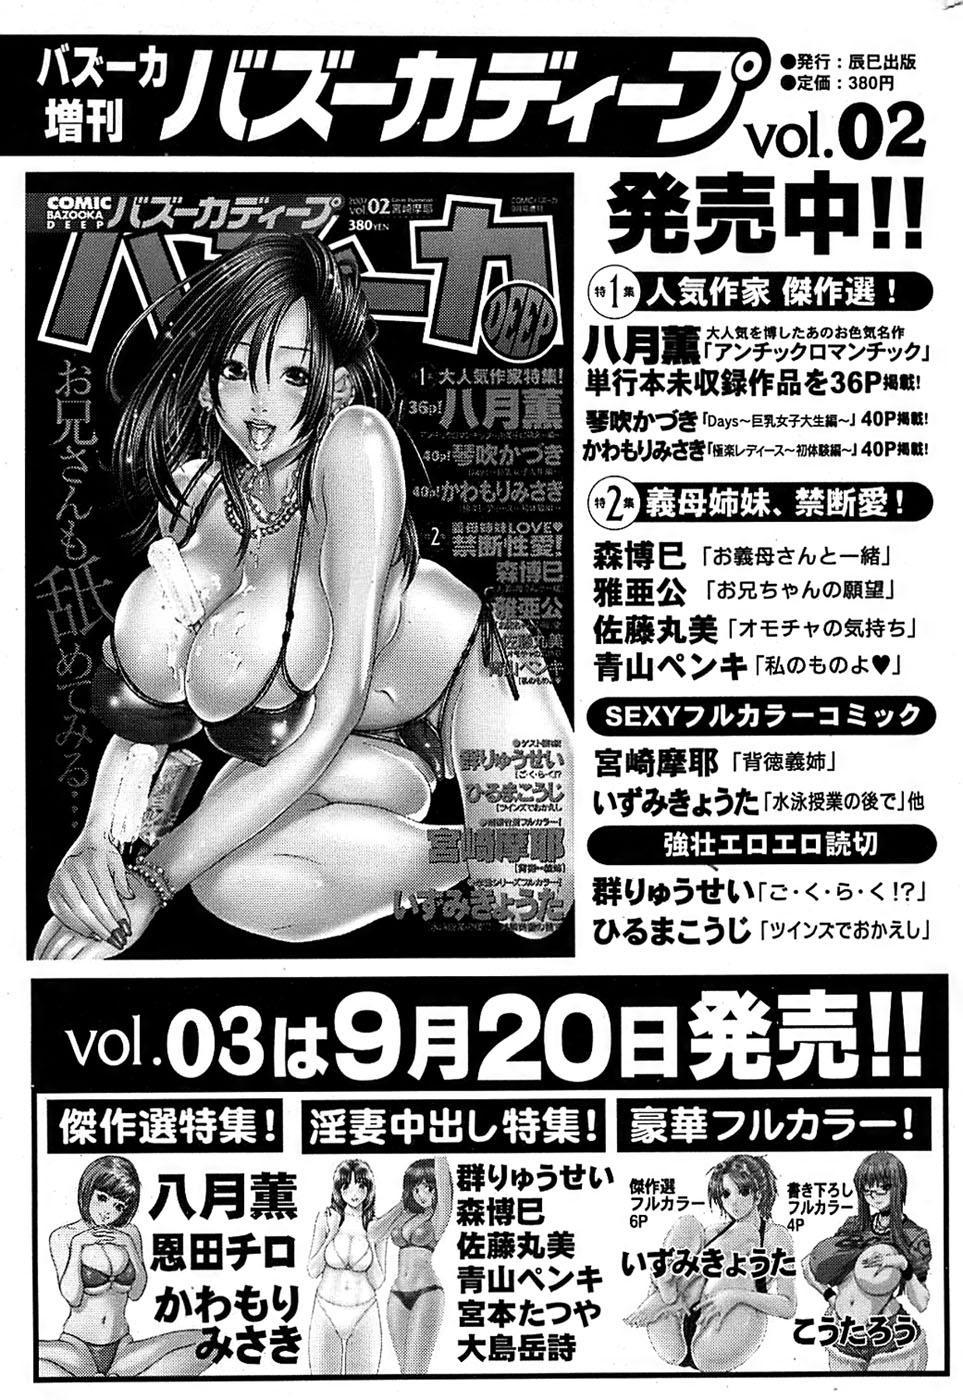 Comic Bazooka 2007-09 240